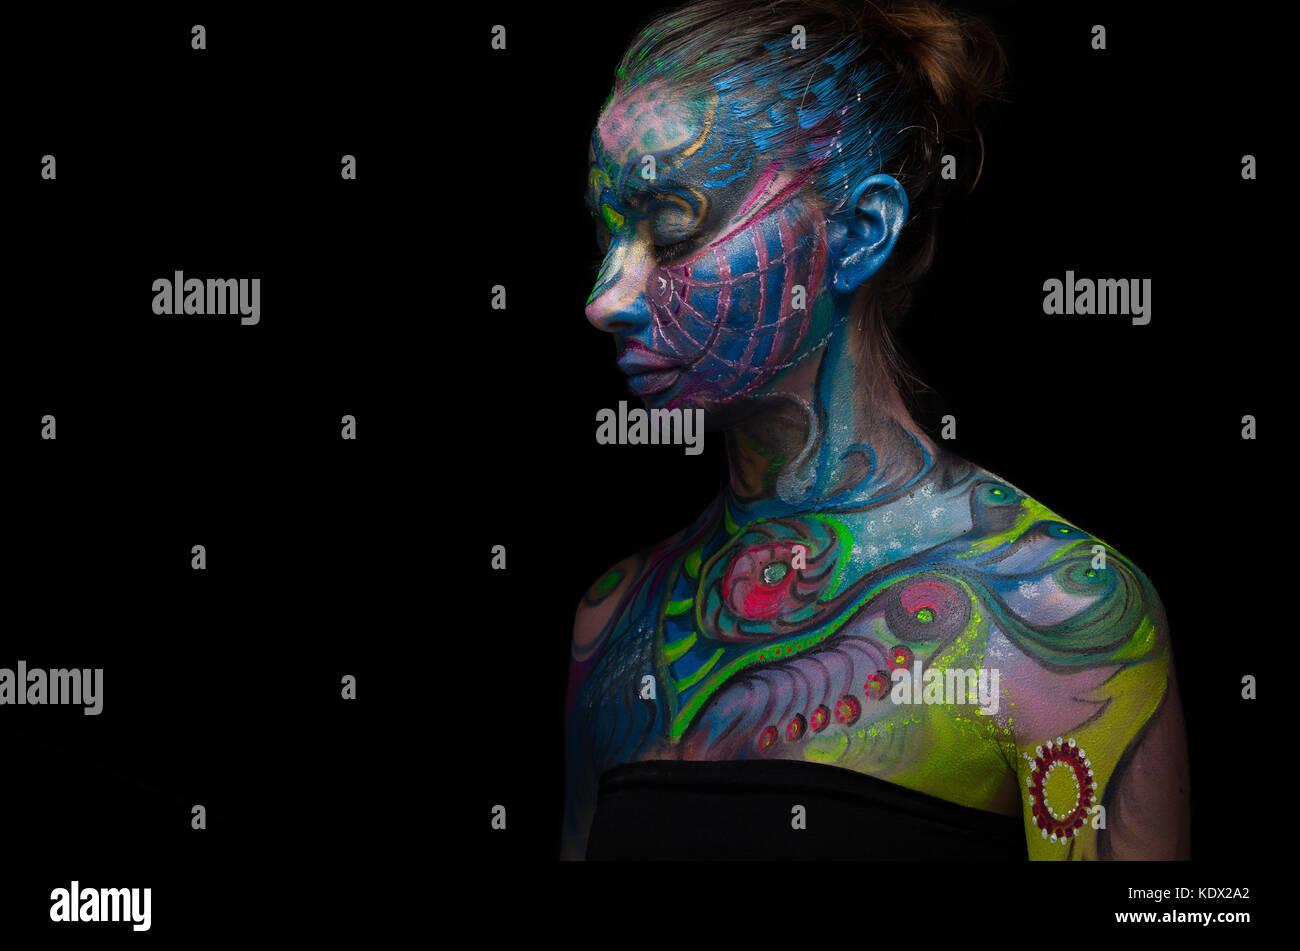 Bella arte del corpo - volto artistico (vista lato sinistro) Immagini Stock